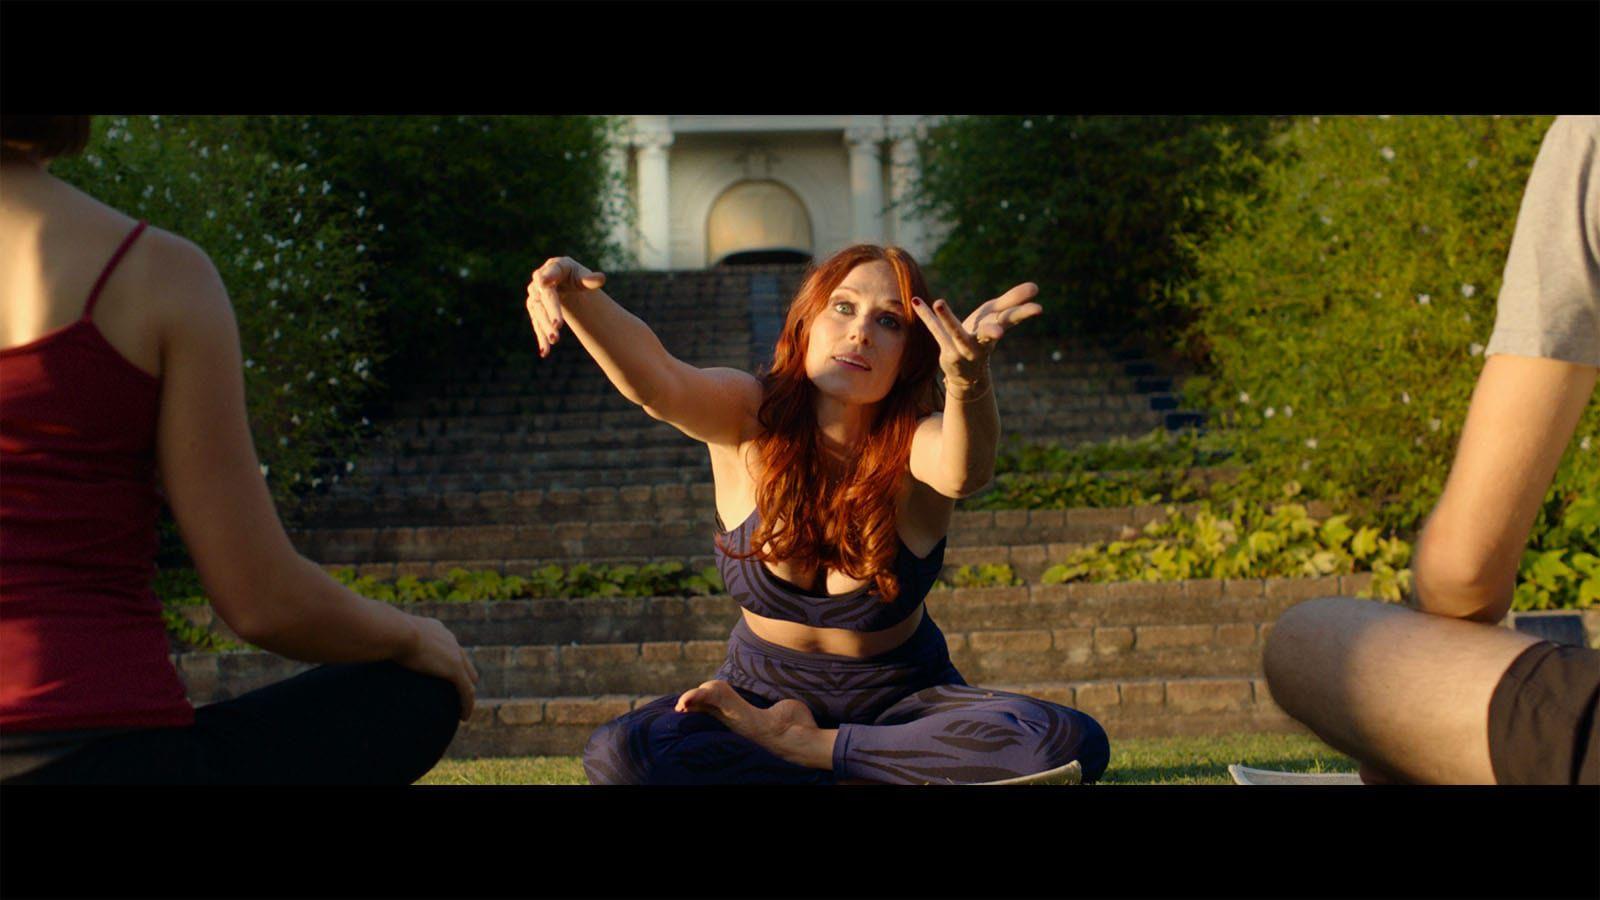 Believe do francais complet you film en Believe Me: